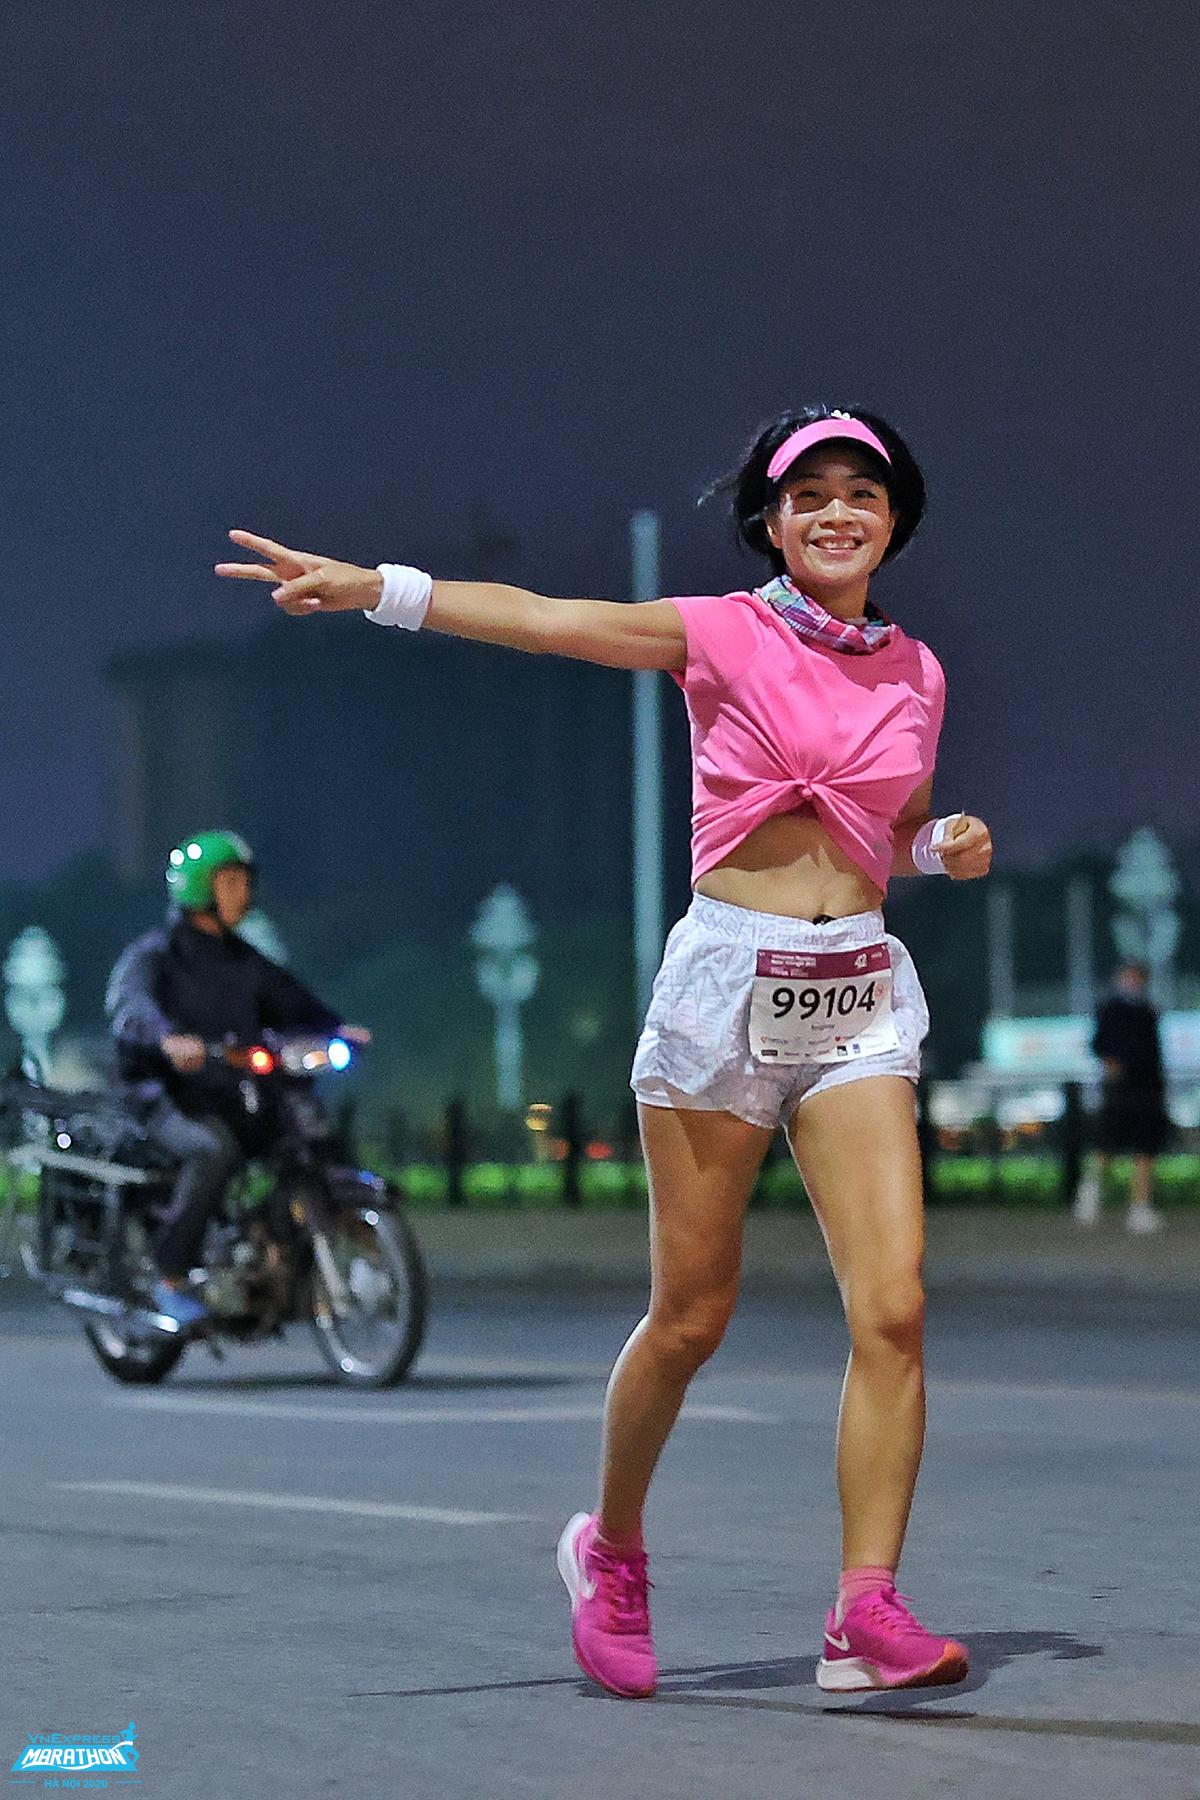 Nữ runner chạy giải đêm VM Hà Nội 2020. Ảnh: VnExpress Marathon.